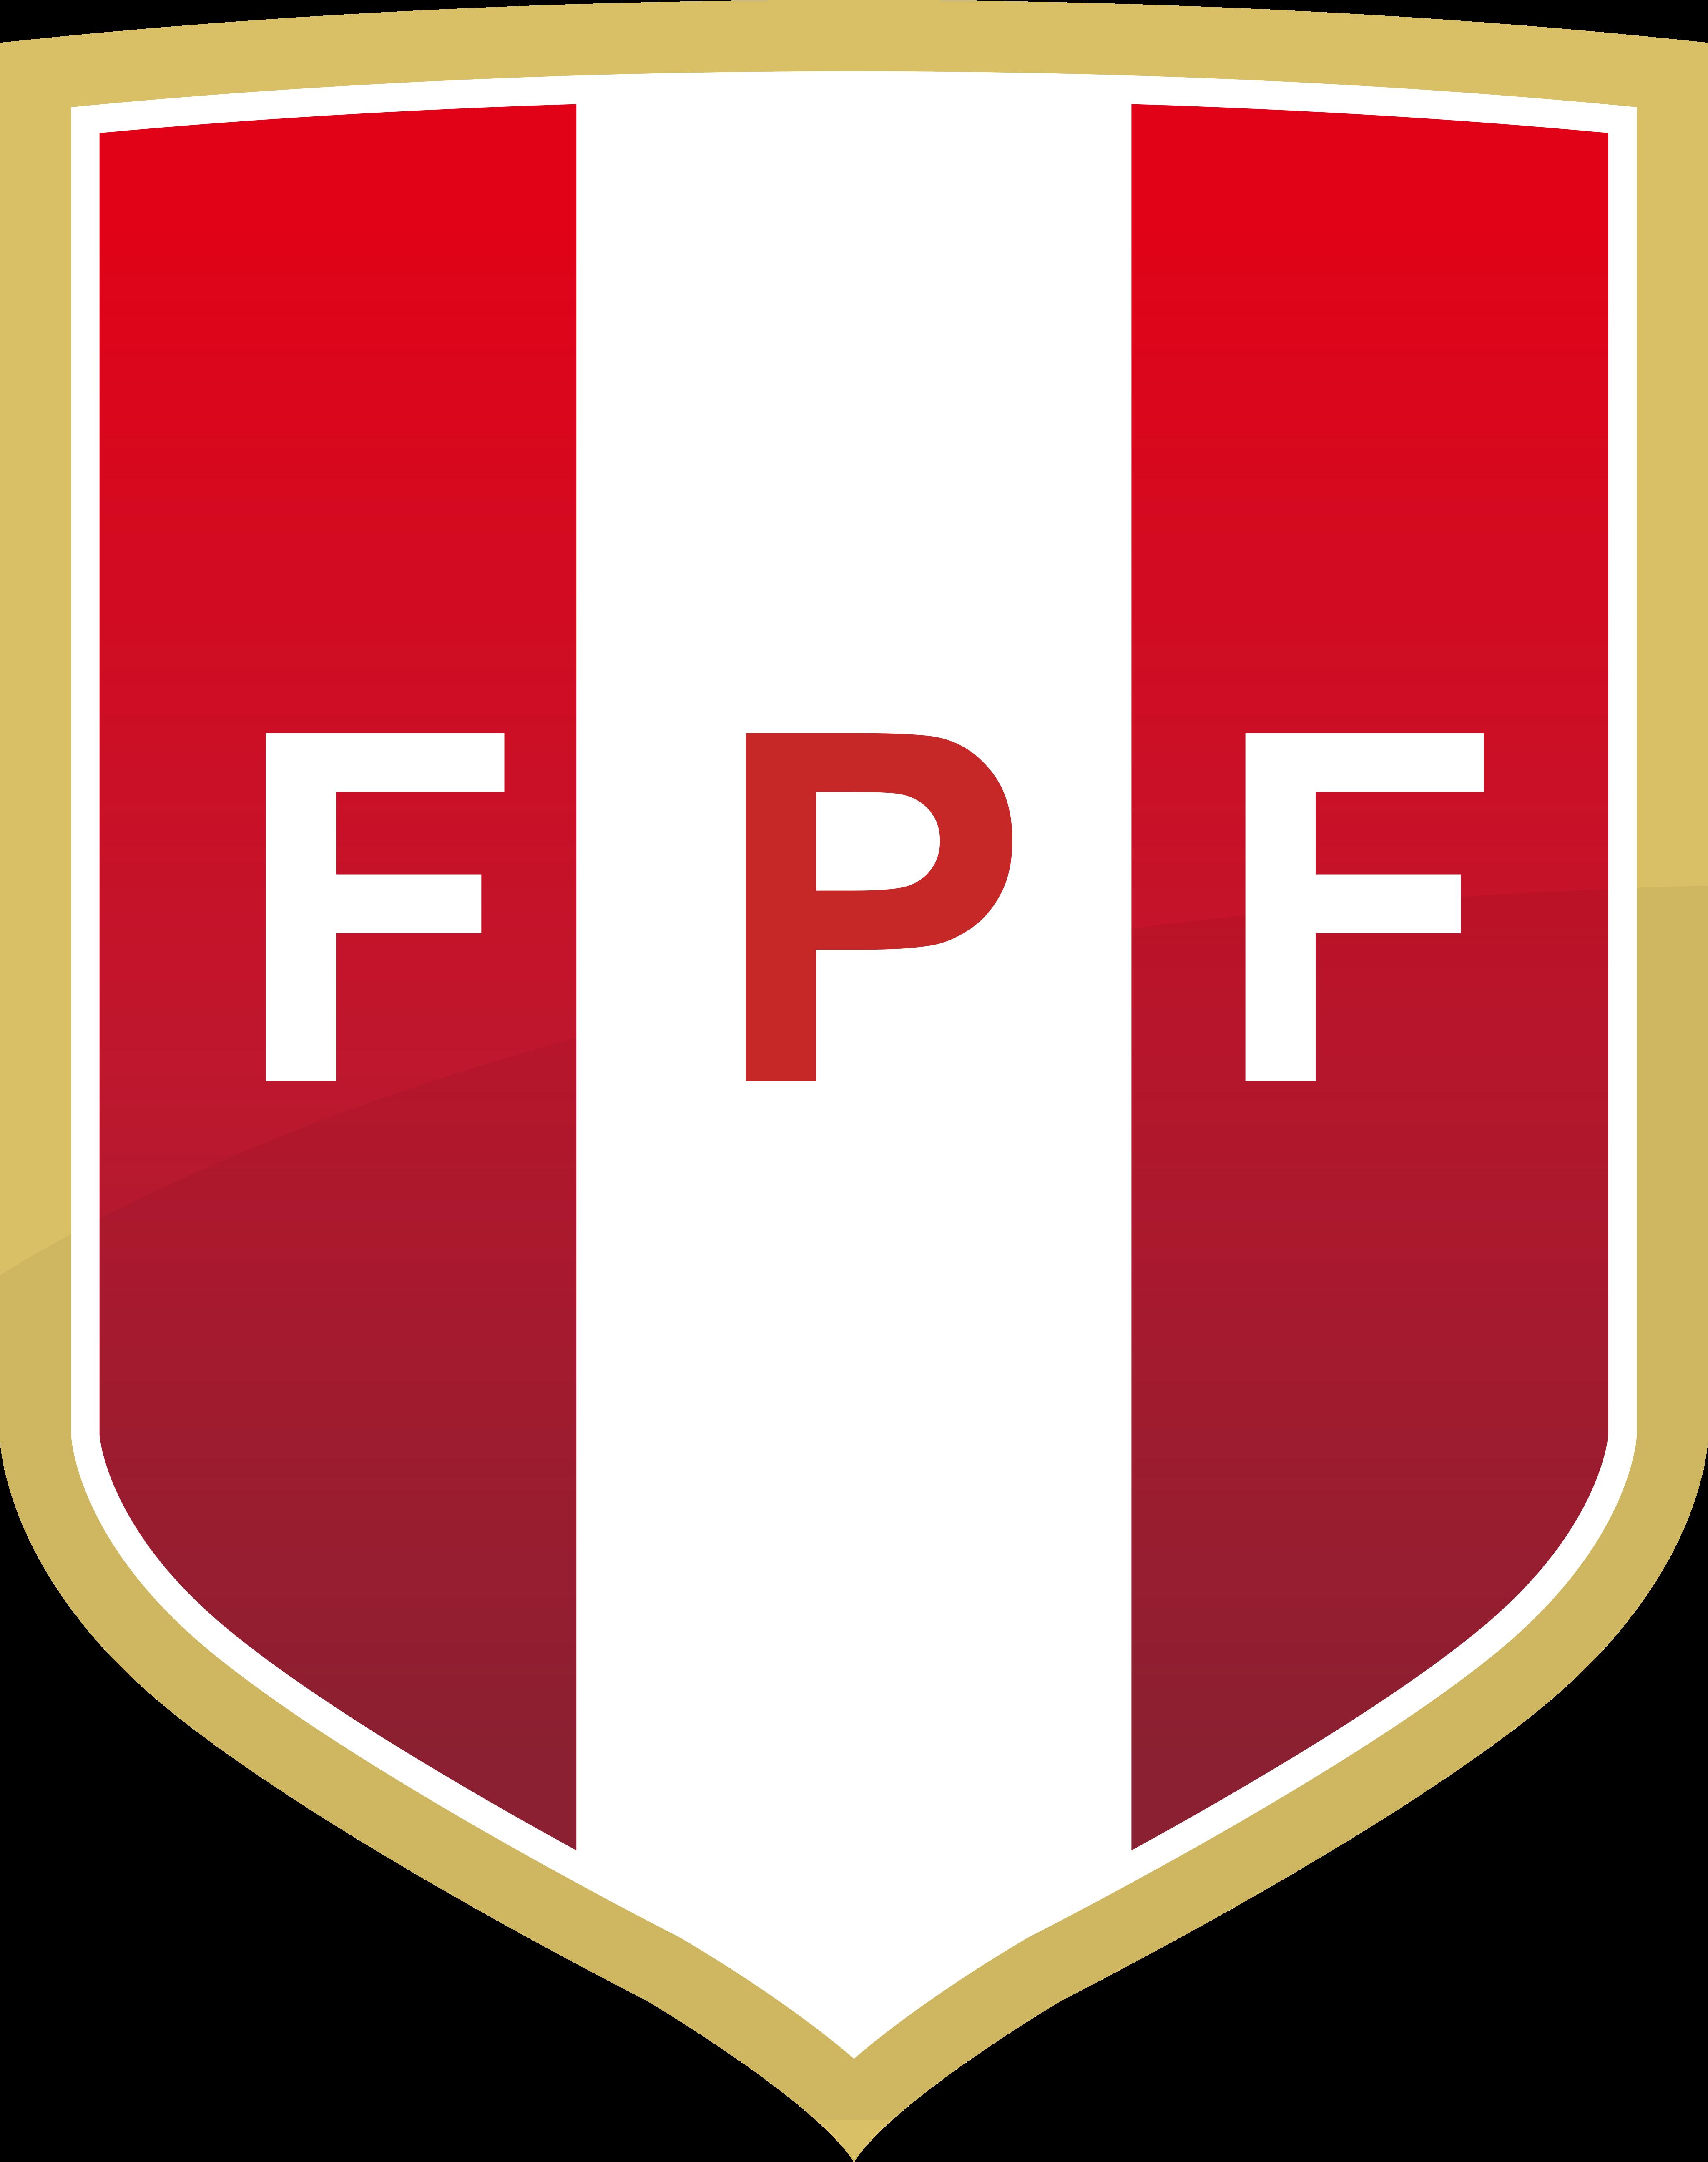 fpf selección de futbol del peru logo - FPF Logo - Seleção do Peru Logo